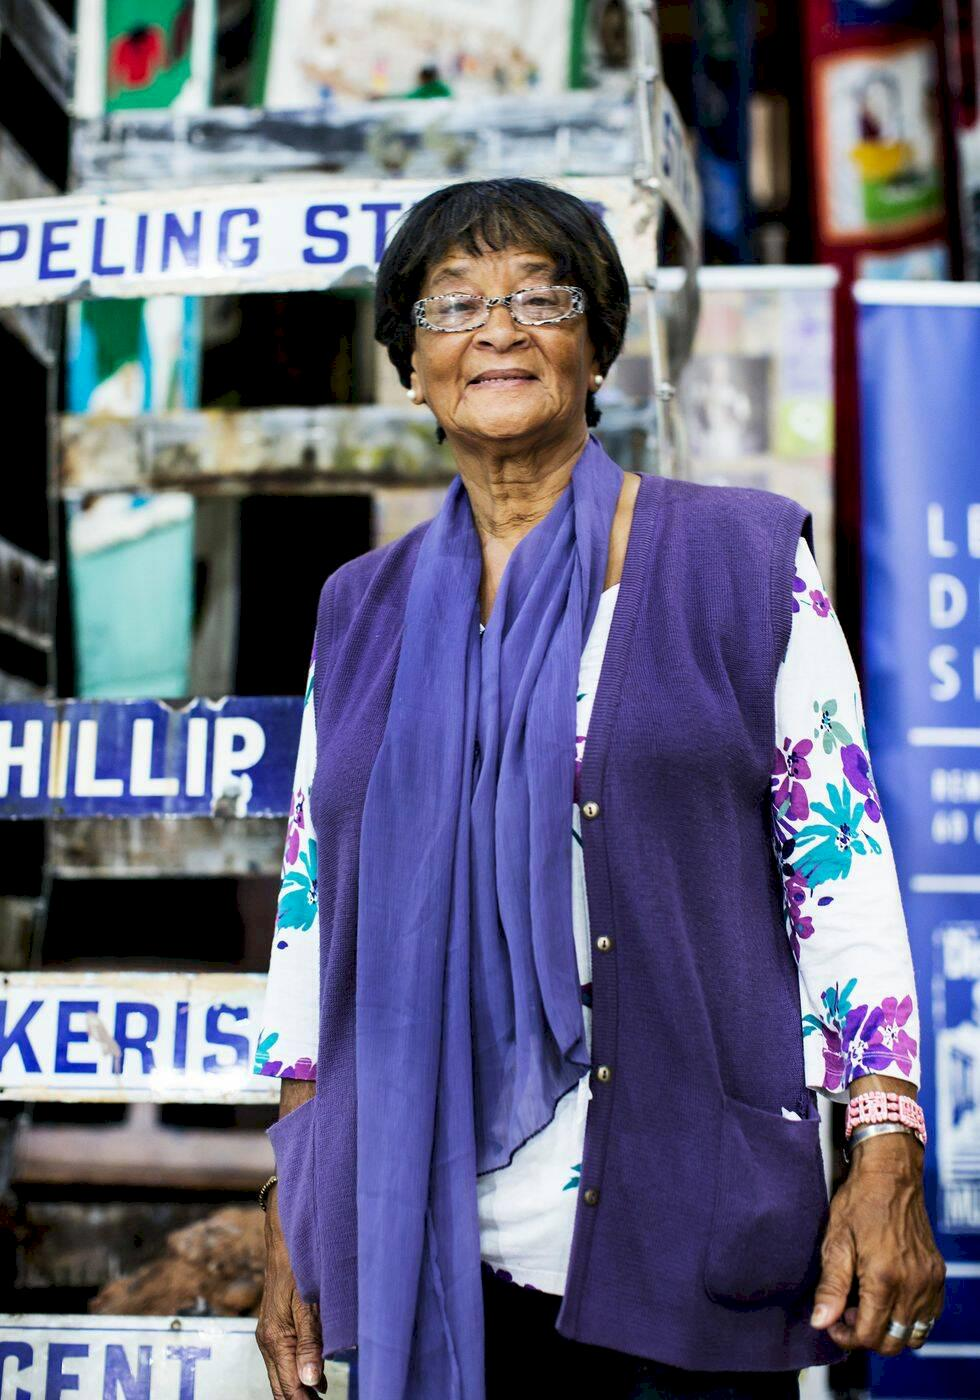 Kapstaden – åtta saker du inte får missa i Mother City